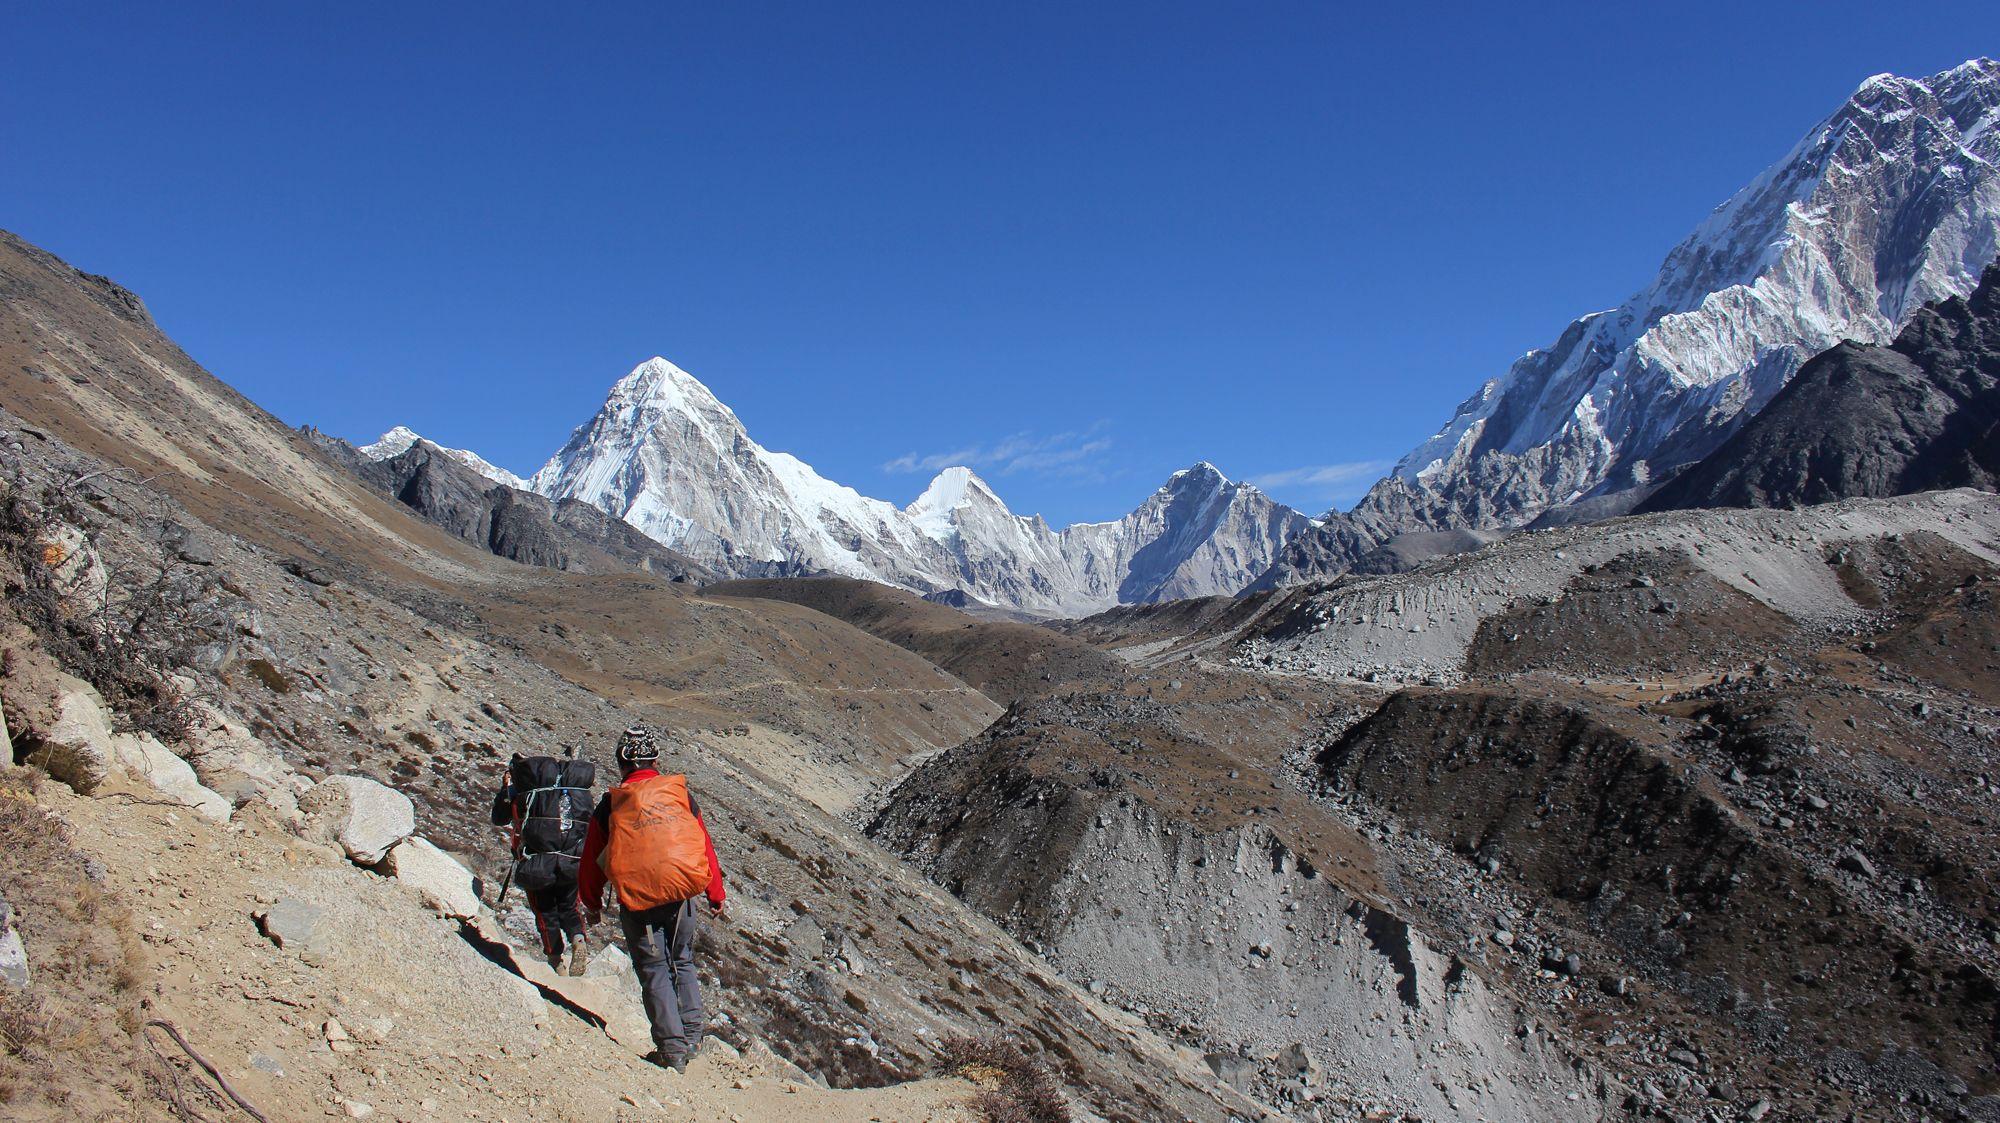 Trekking from Dzongla to Lobuche in Nepal